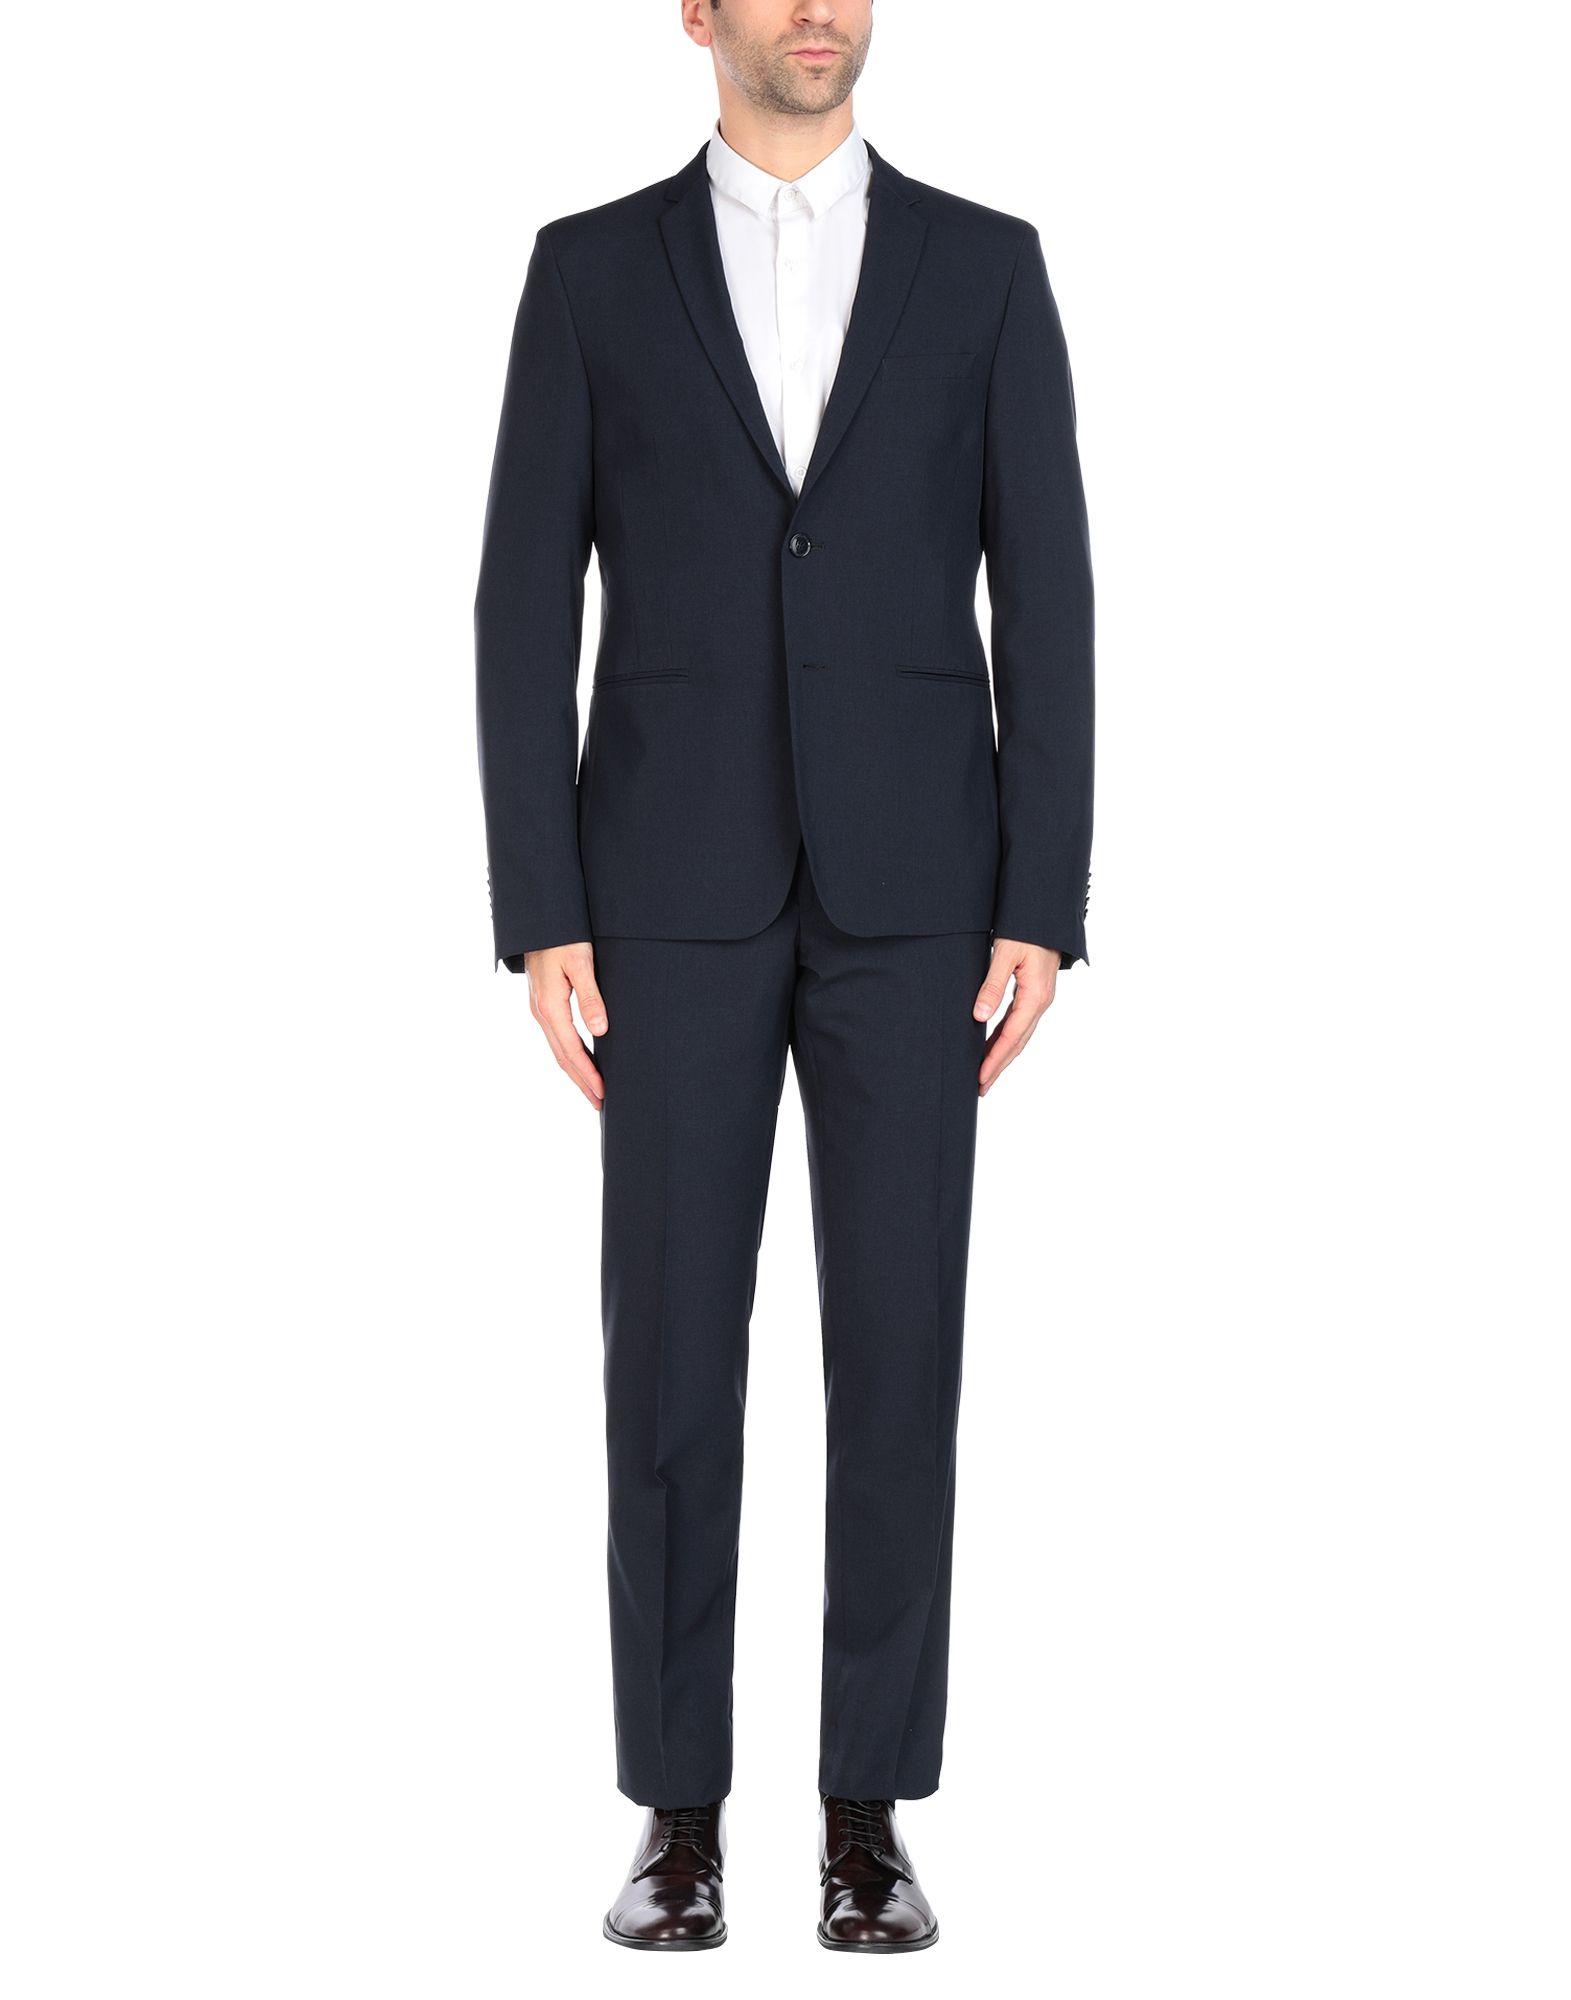 《送料無料》MANUEL RITZ メンズ スーツ ダークブルー 52 ポリエステル 100%